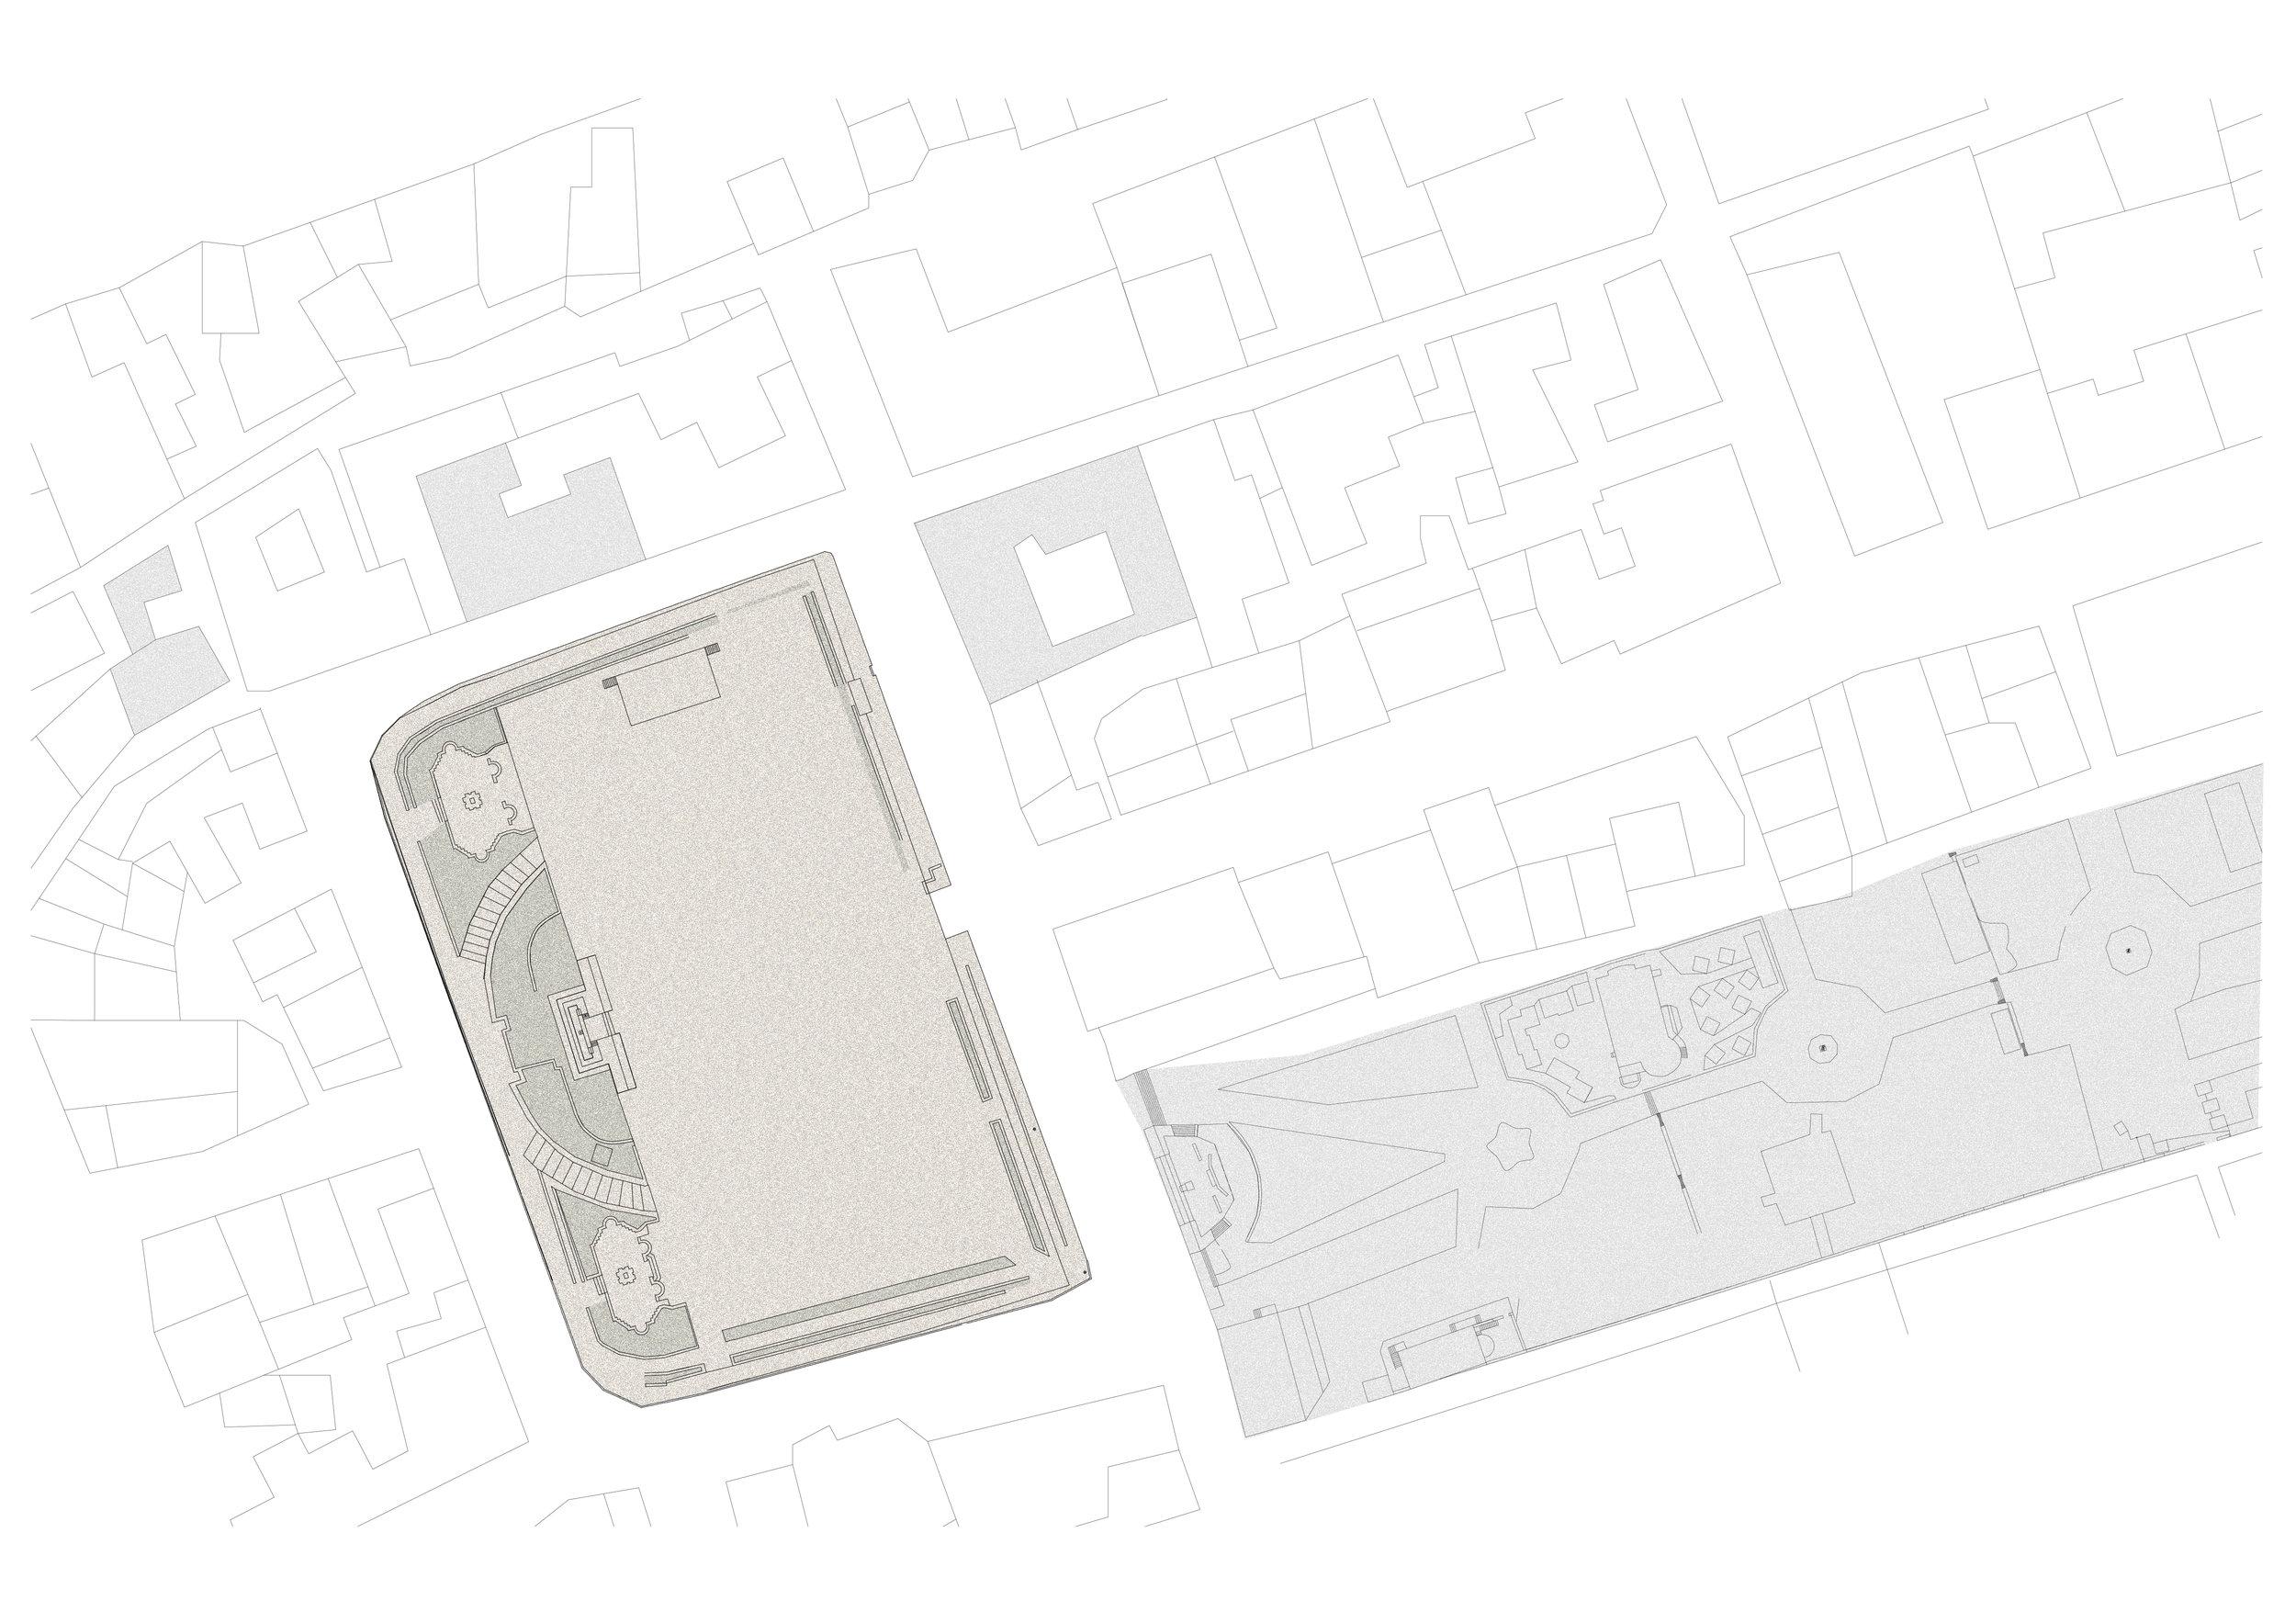 план сущ пол 1 1000.jpg